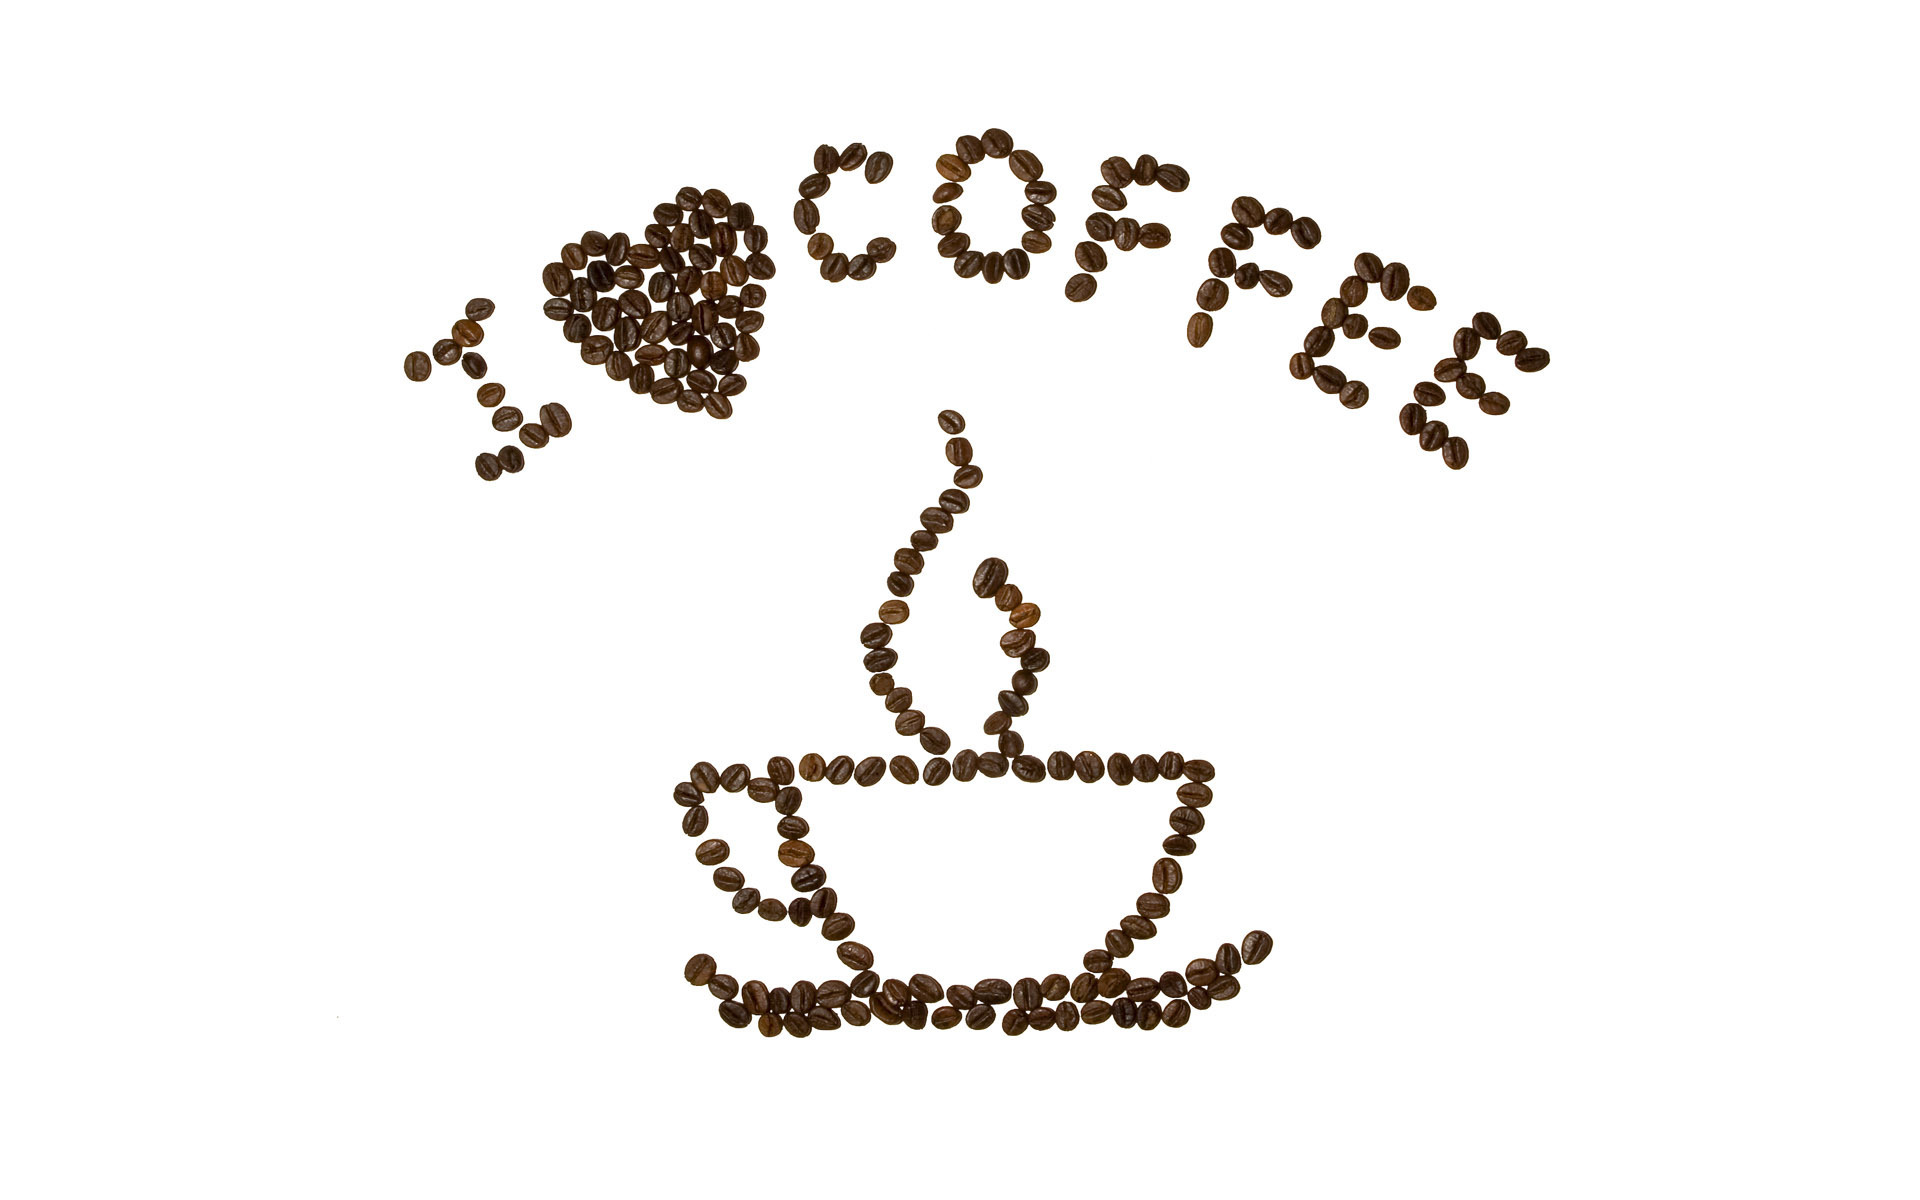 I Love Coffee Wallpaper | Wide Screen Wallpaper 1080p,2K,4K